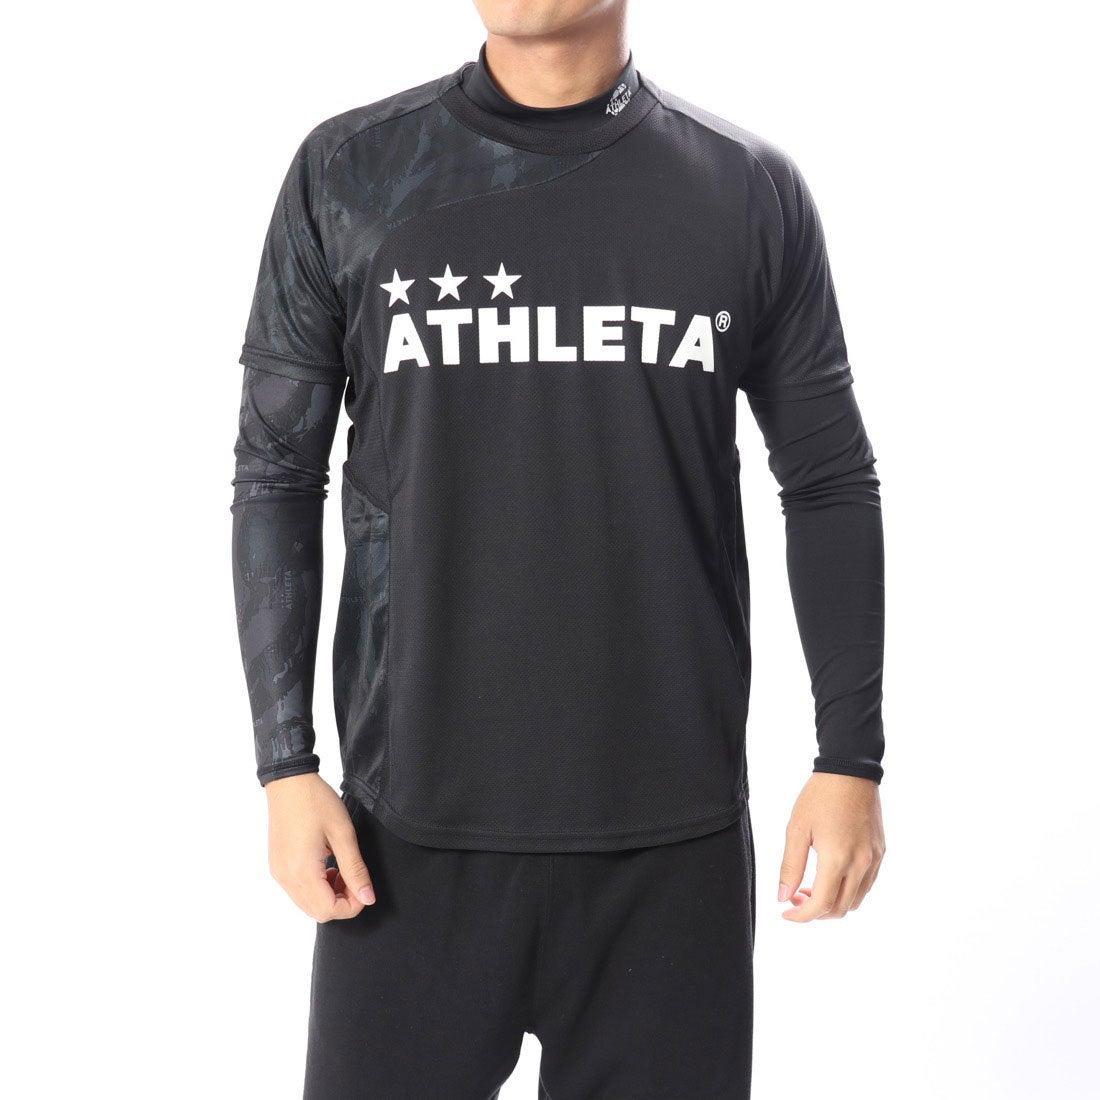 ロコンド 靴とファッションの通販サイトアスレタ ATHLETA メンズ サッカー/フットサル レイヤードシャツ プラシャツインナーセット 02299